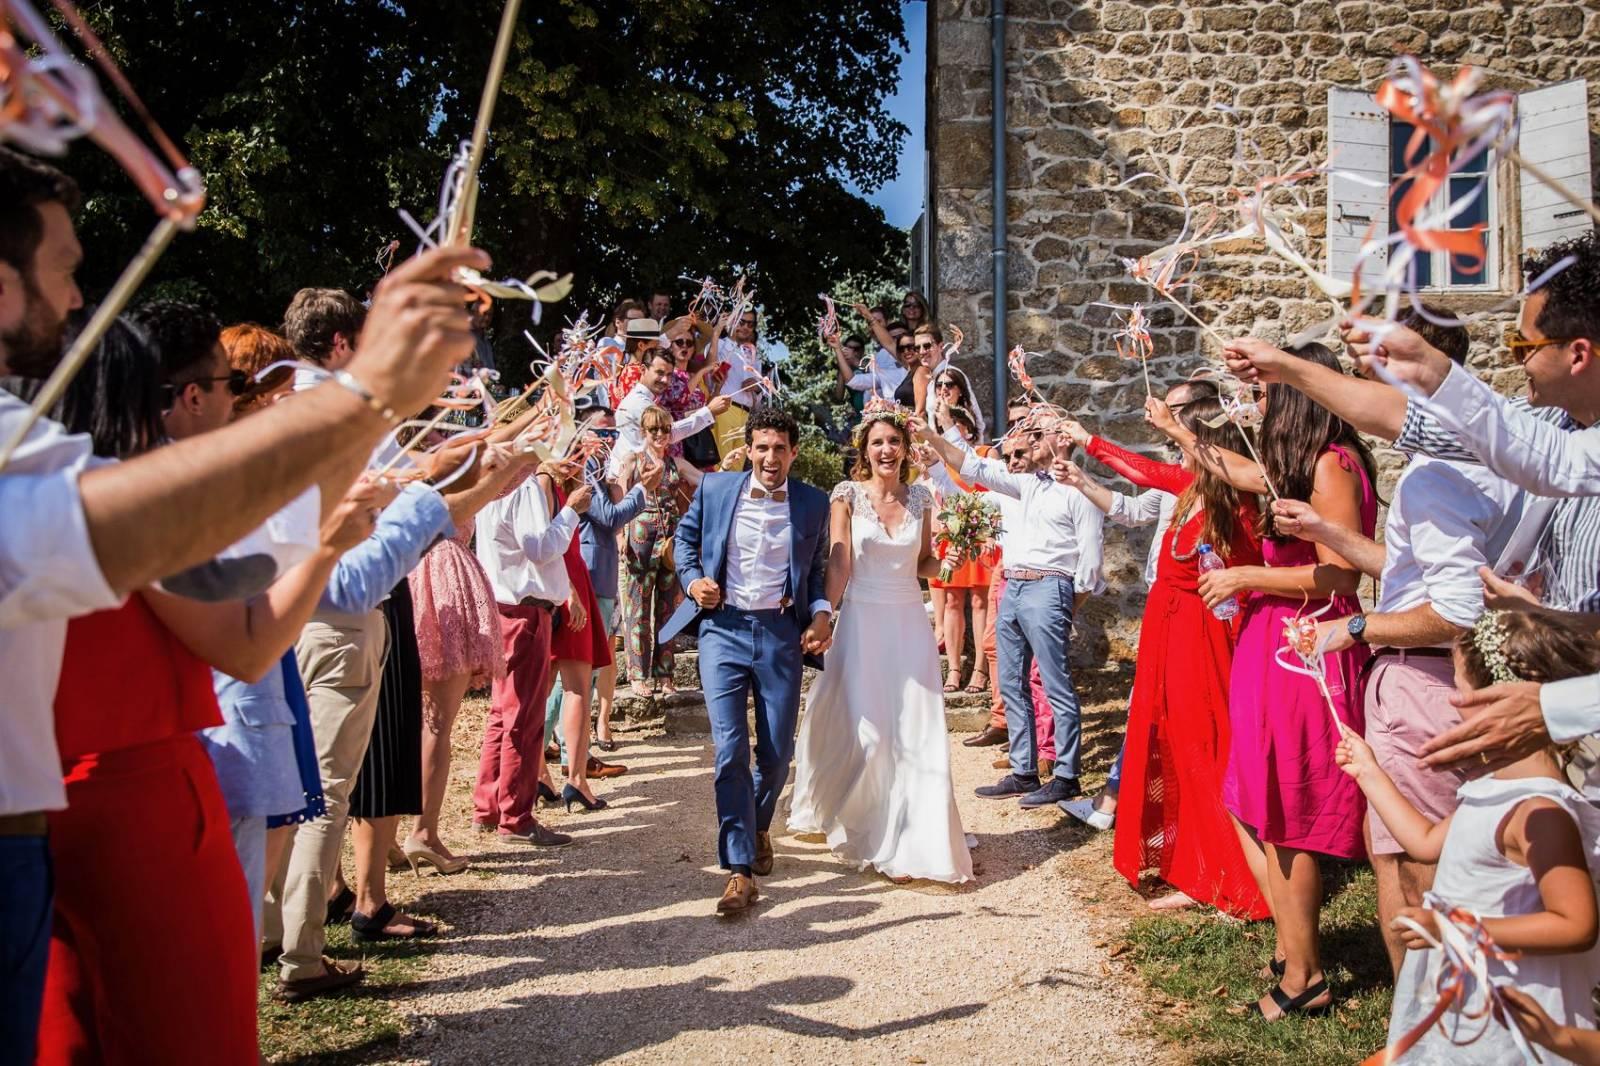 Cinderella Photographie - Trouwen in frankrijk - Huwelijksfotograaf - Trouwfotograaf - House of Weddings - 3